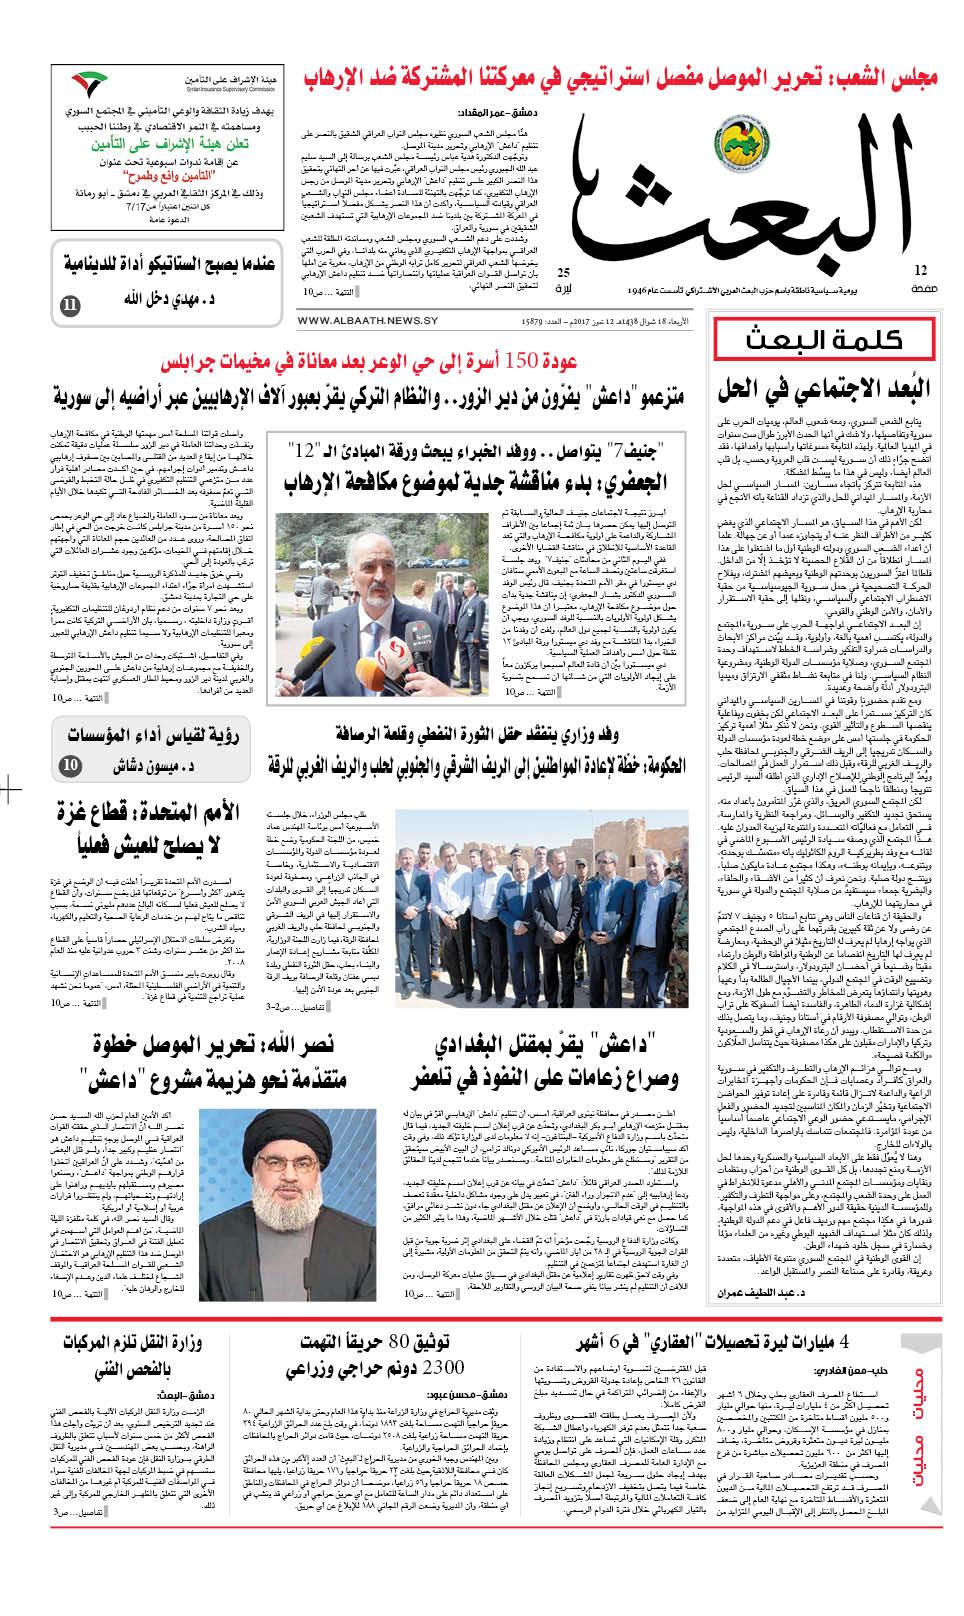 لتصفح العدد 15879 تاريخ 12-7-2017